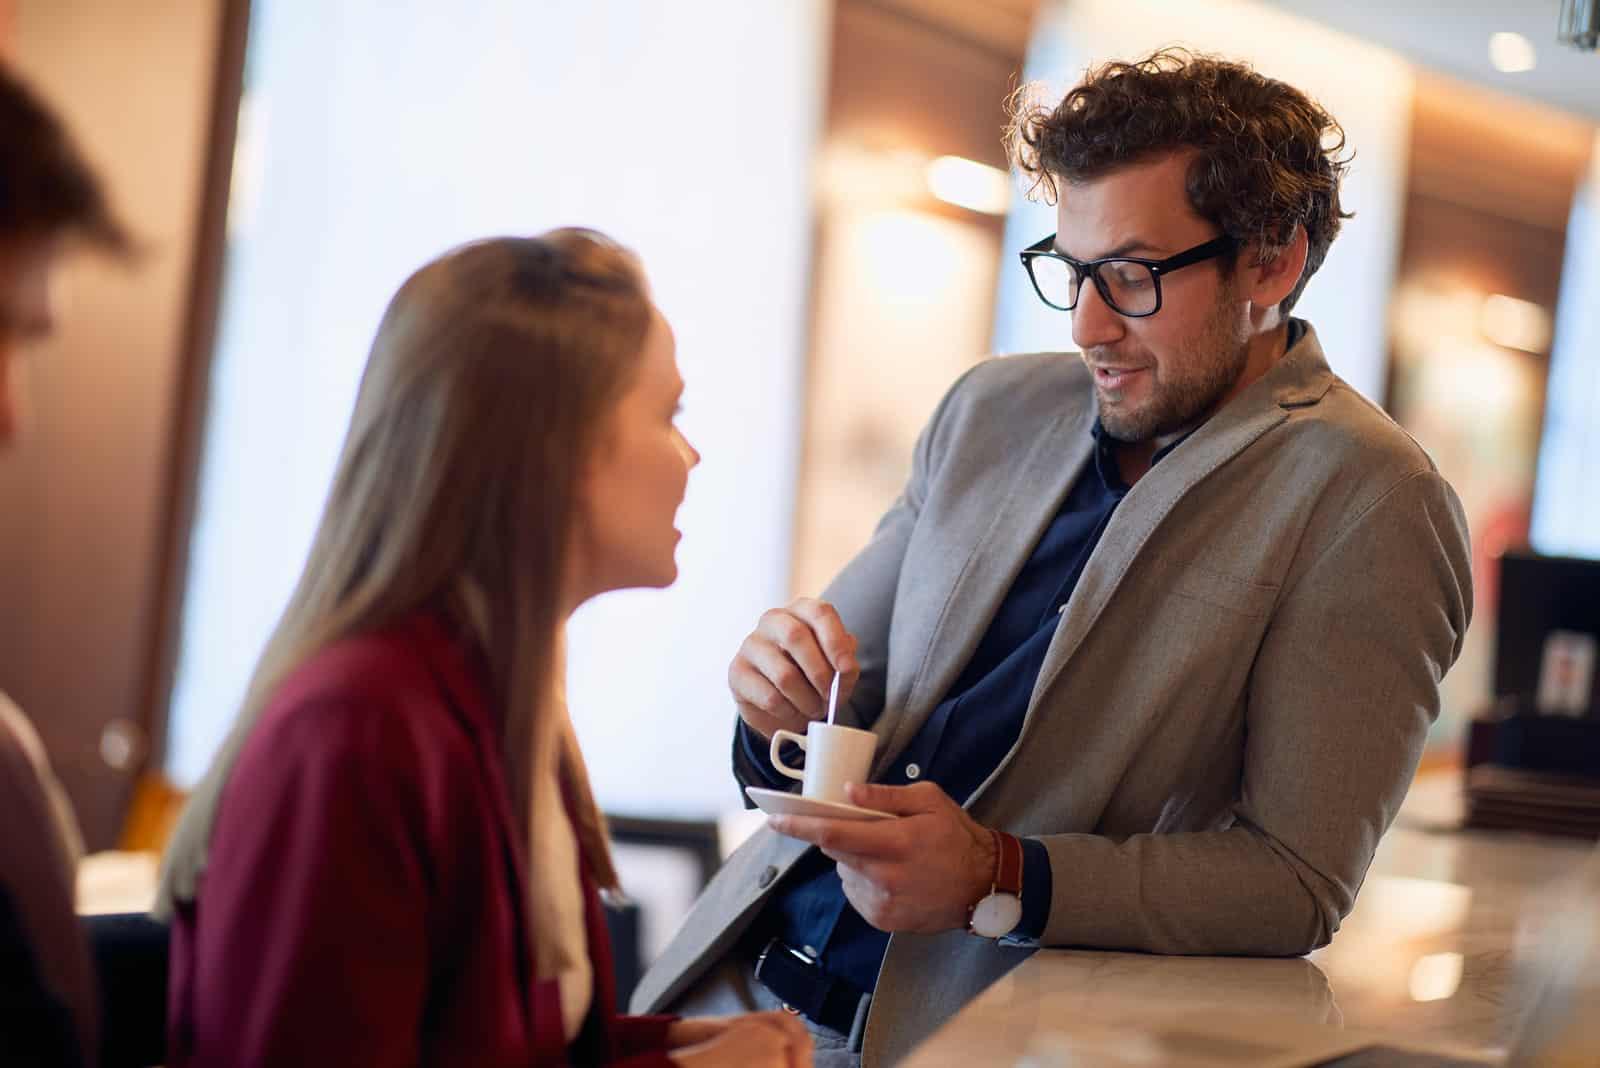 l'homme parle à la femme pendant qu'il s'appuie contre le bar